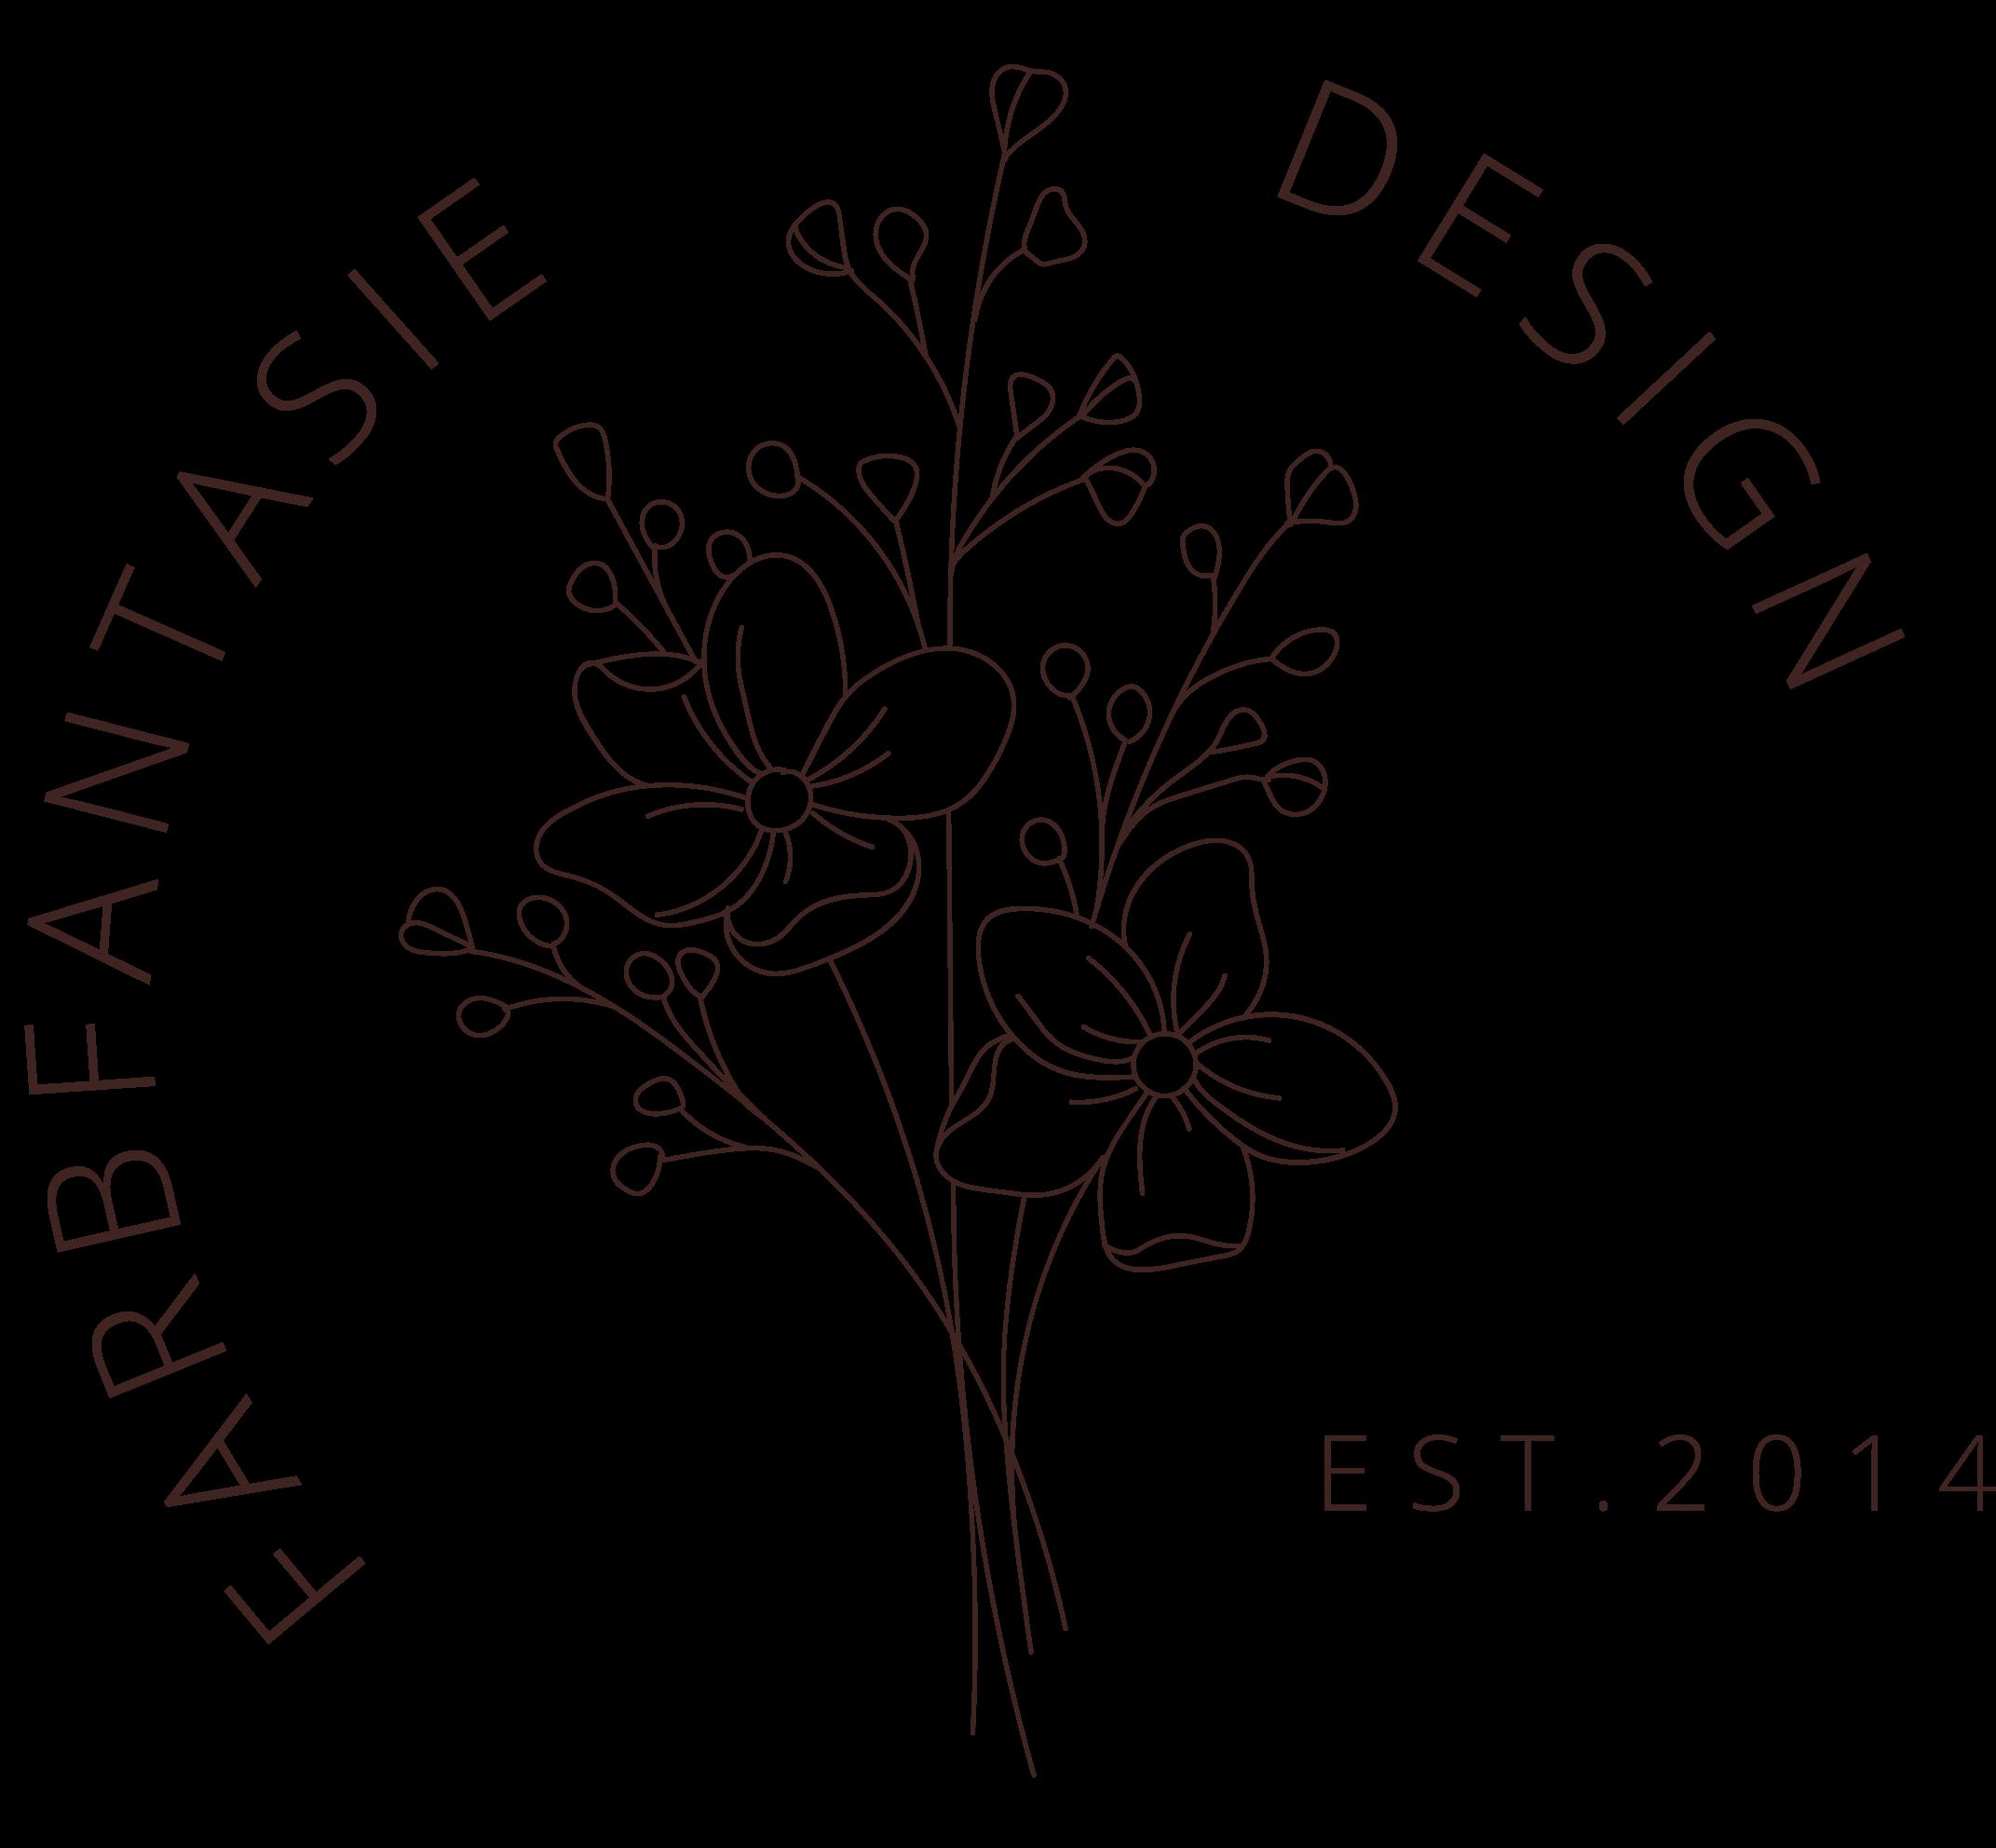 Farbfantasie Design - Design für Fotografen, Kreative und Selbstständige